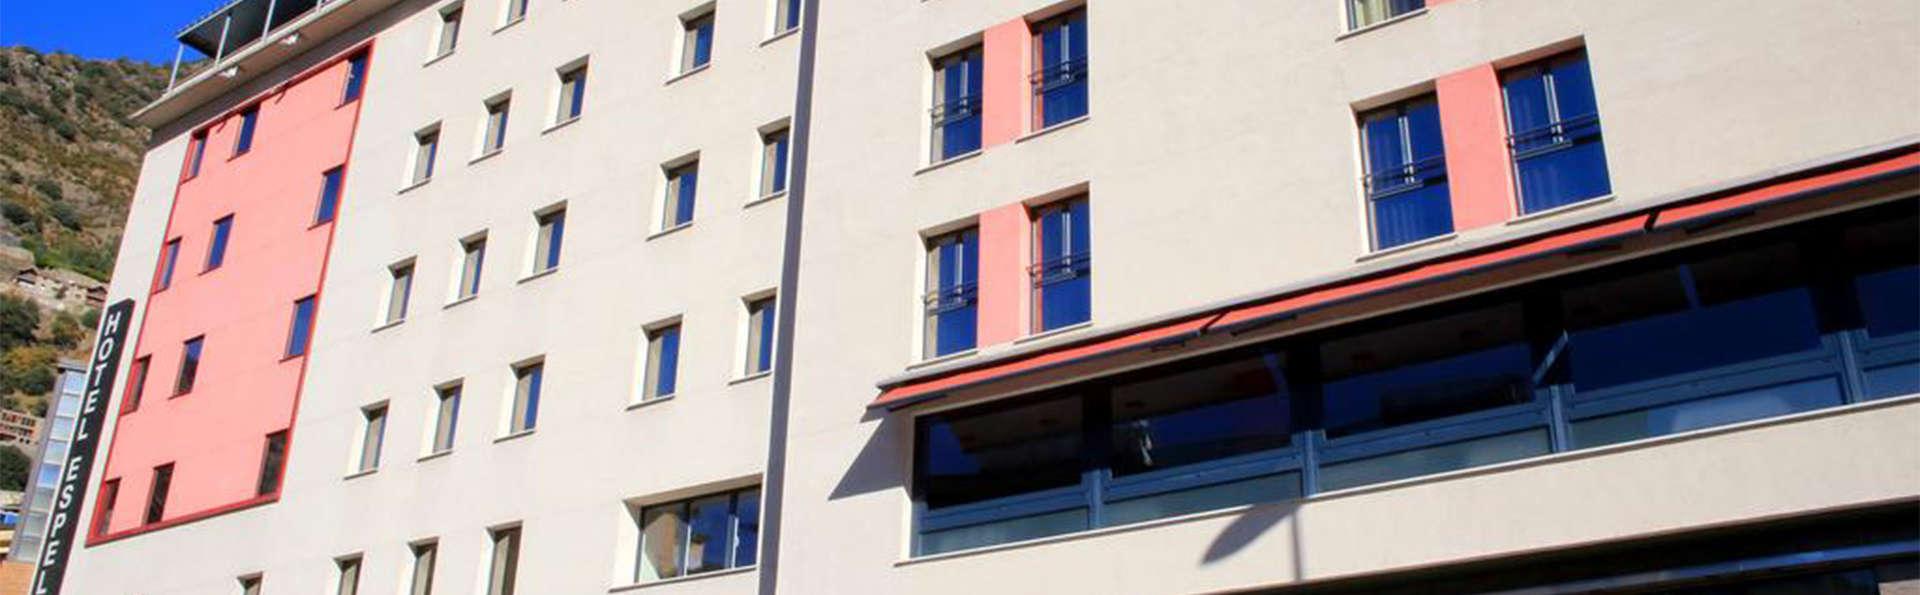 Hotel Espel - EDIT_front1.jpg